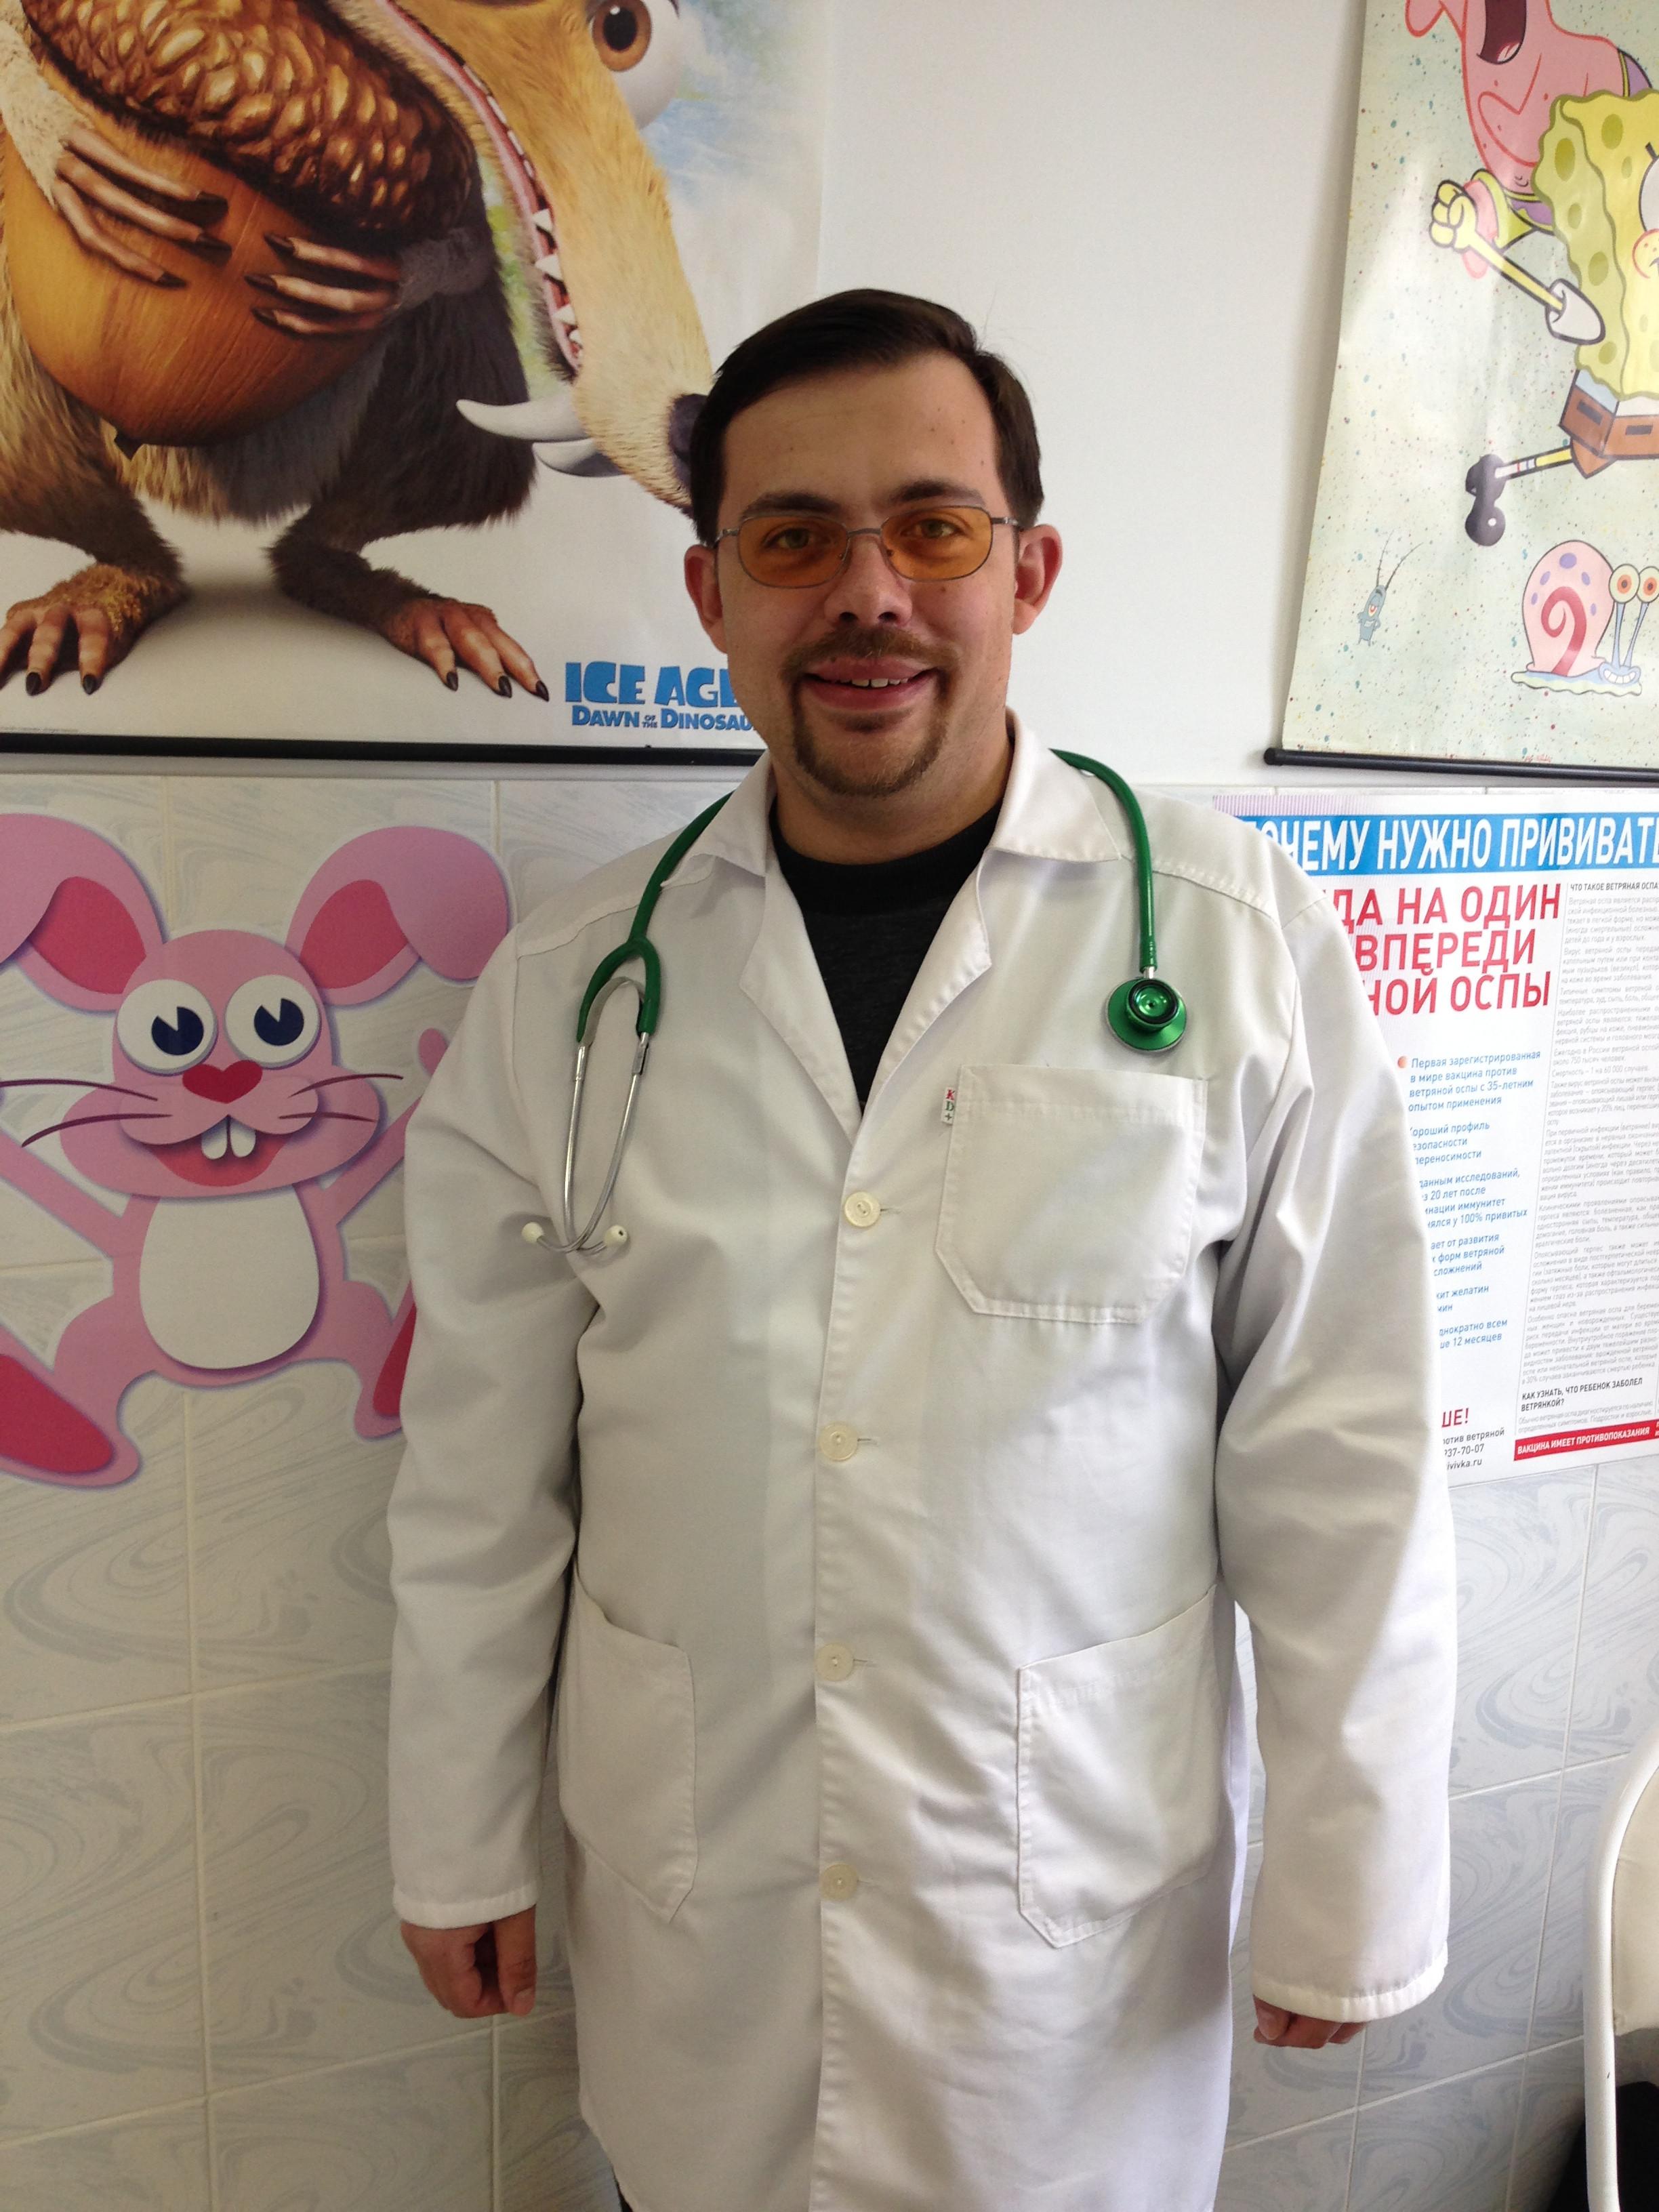 Аллерголог многопрофильного медицинского центра НС Клиник в Жуковском, Раменском, Лыткарино